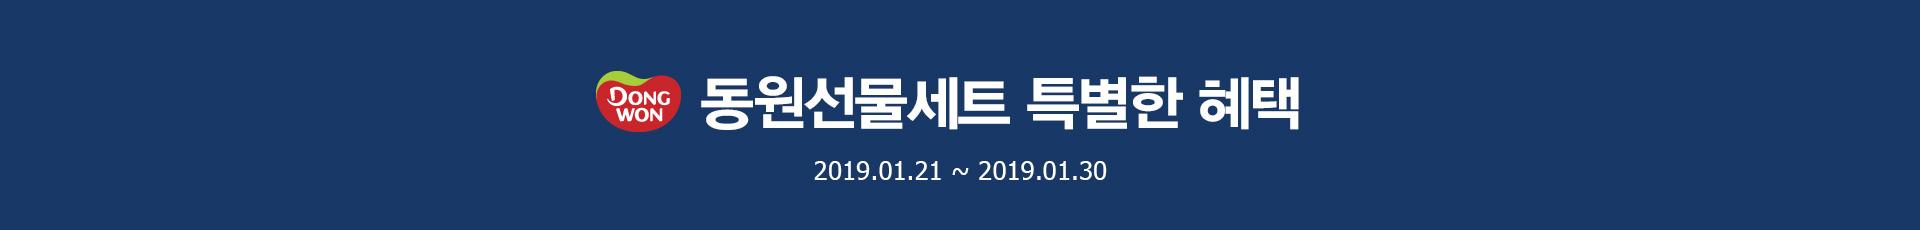 동원 선물세트 특별한 혜택 2019.01.04~2019.01.20